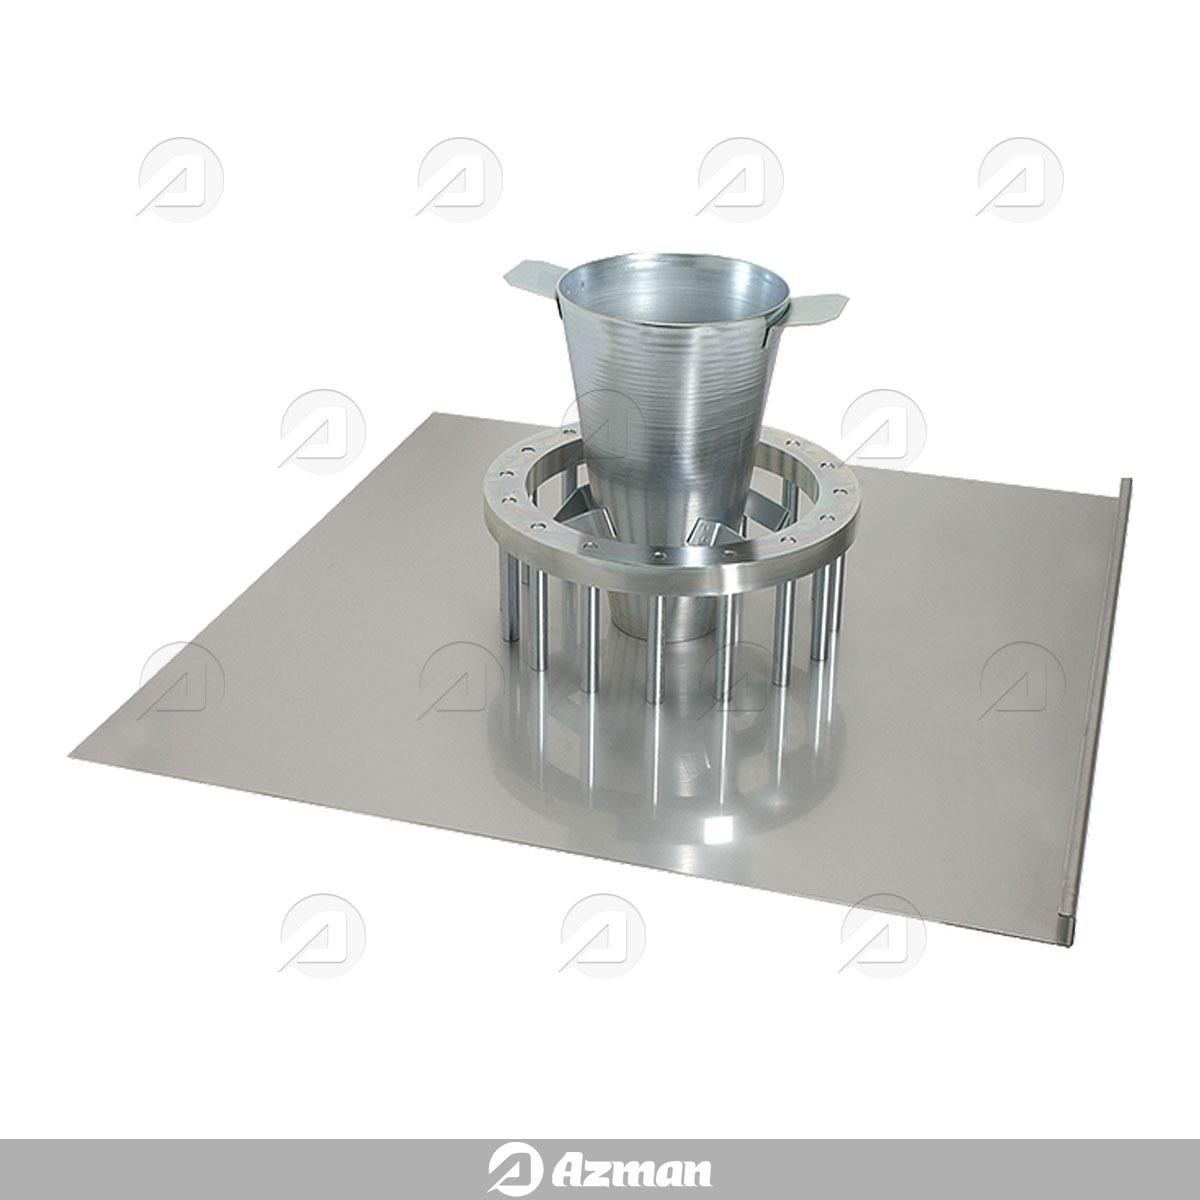 دستگاه حلقه J برای تعیین کار پذیری بتن خود تراکم